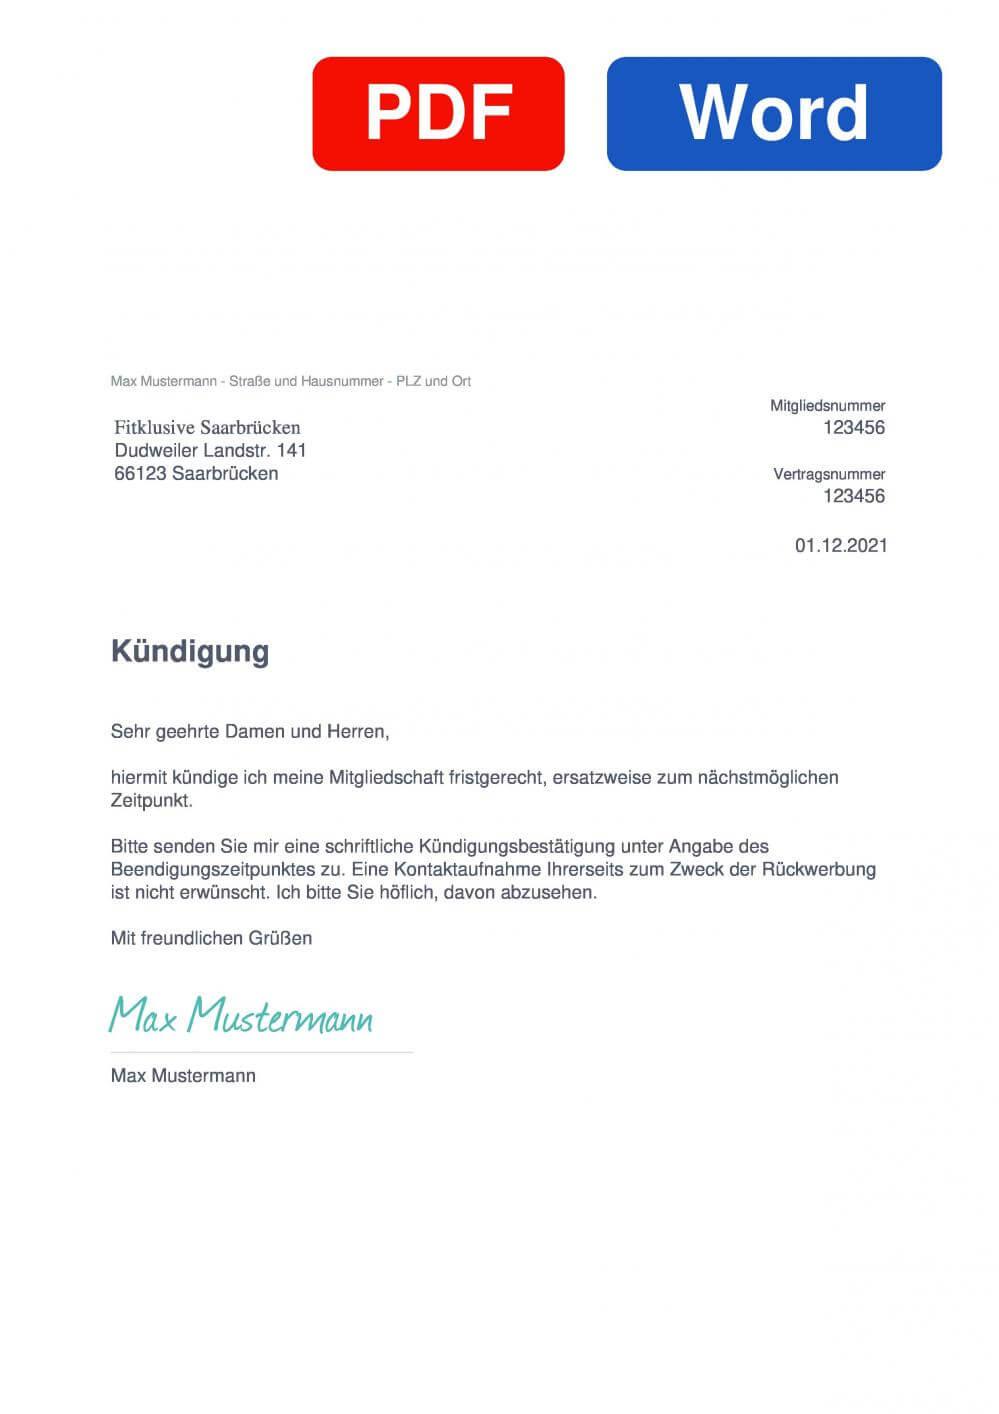 Fitklusiv Saarbrücken Muster Vorlage für Kündigungsschreiben